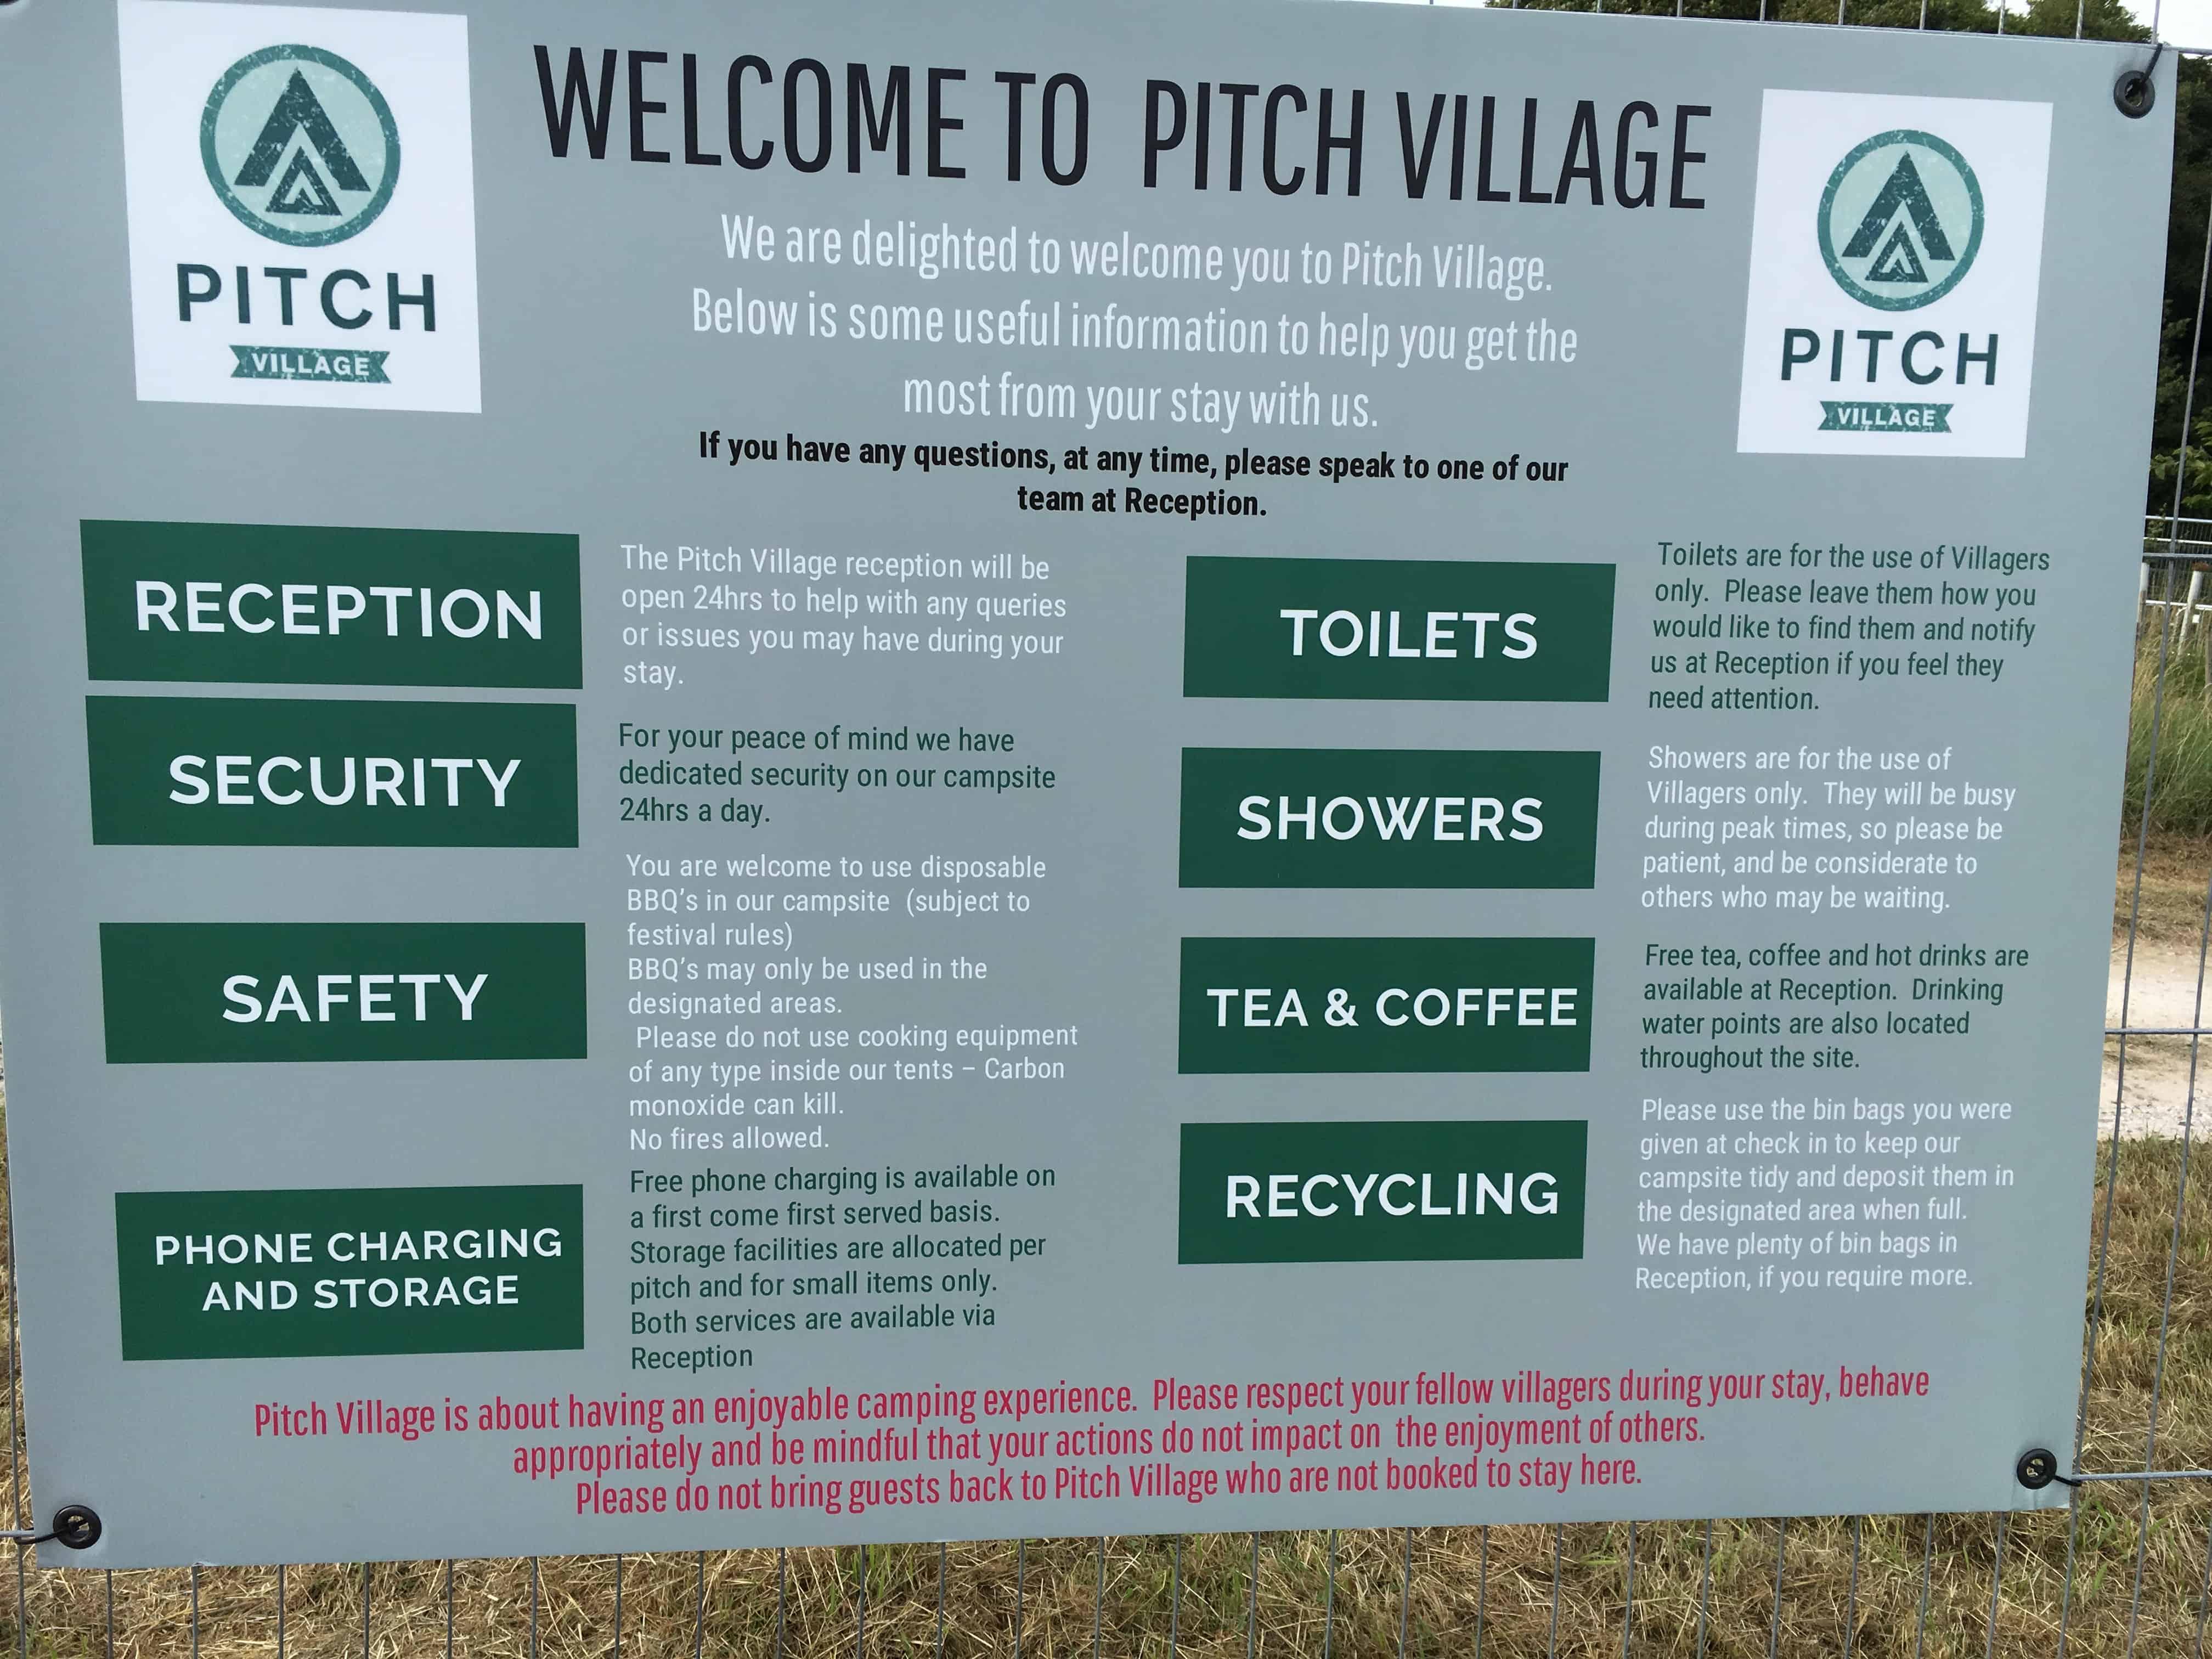 Pitch Village